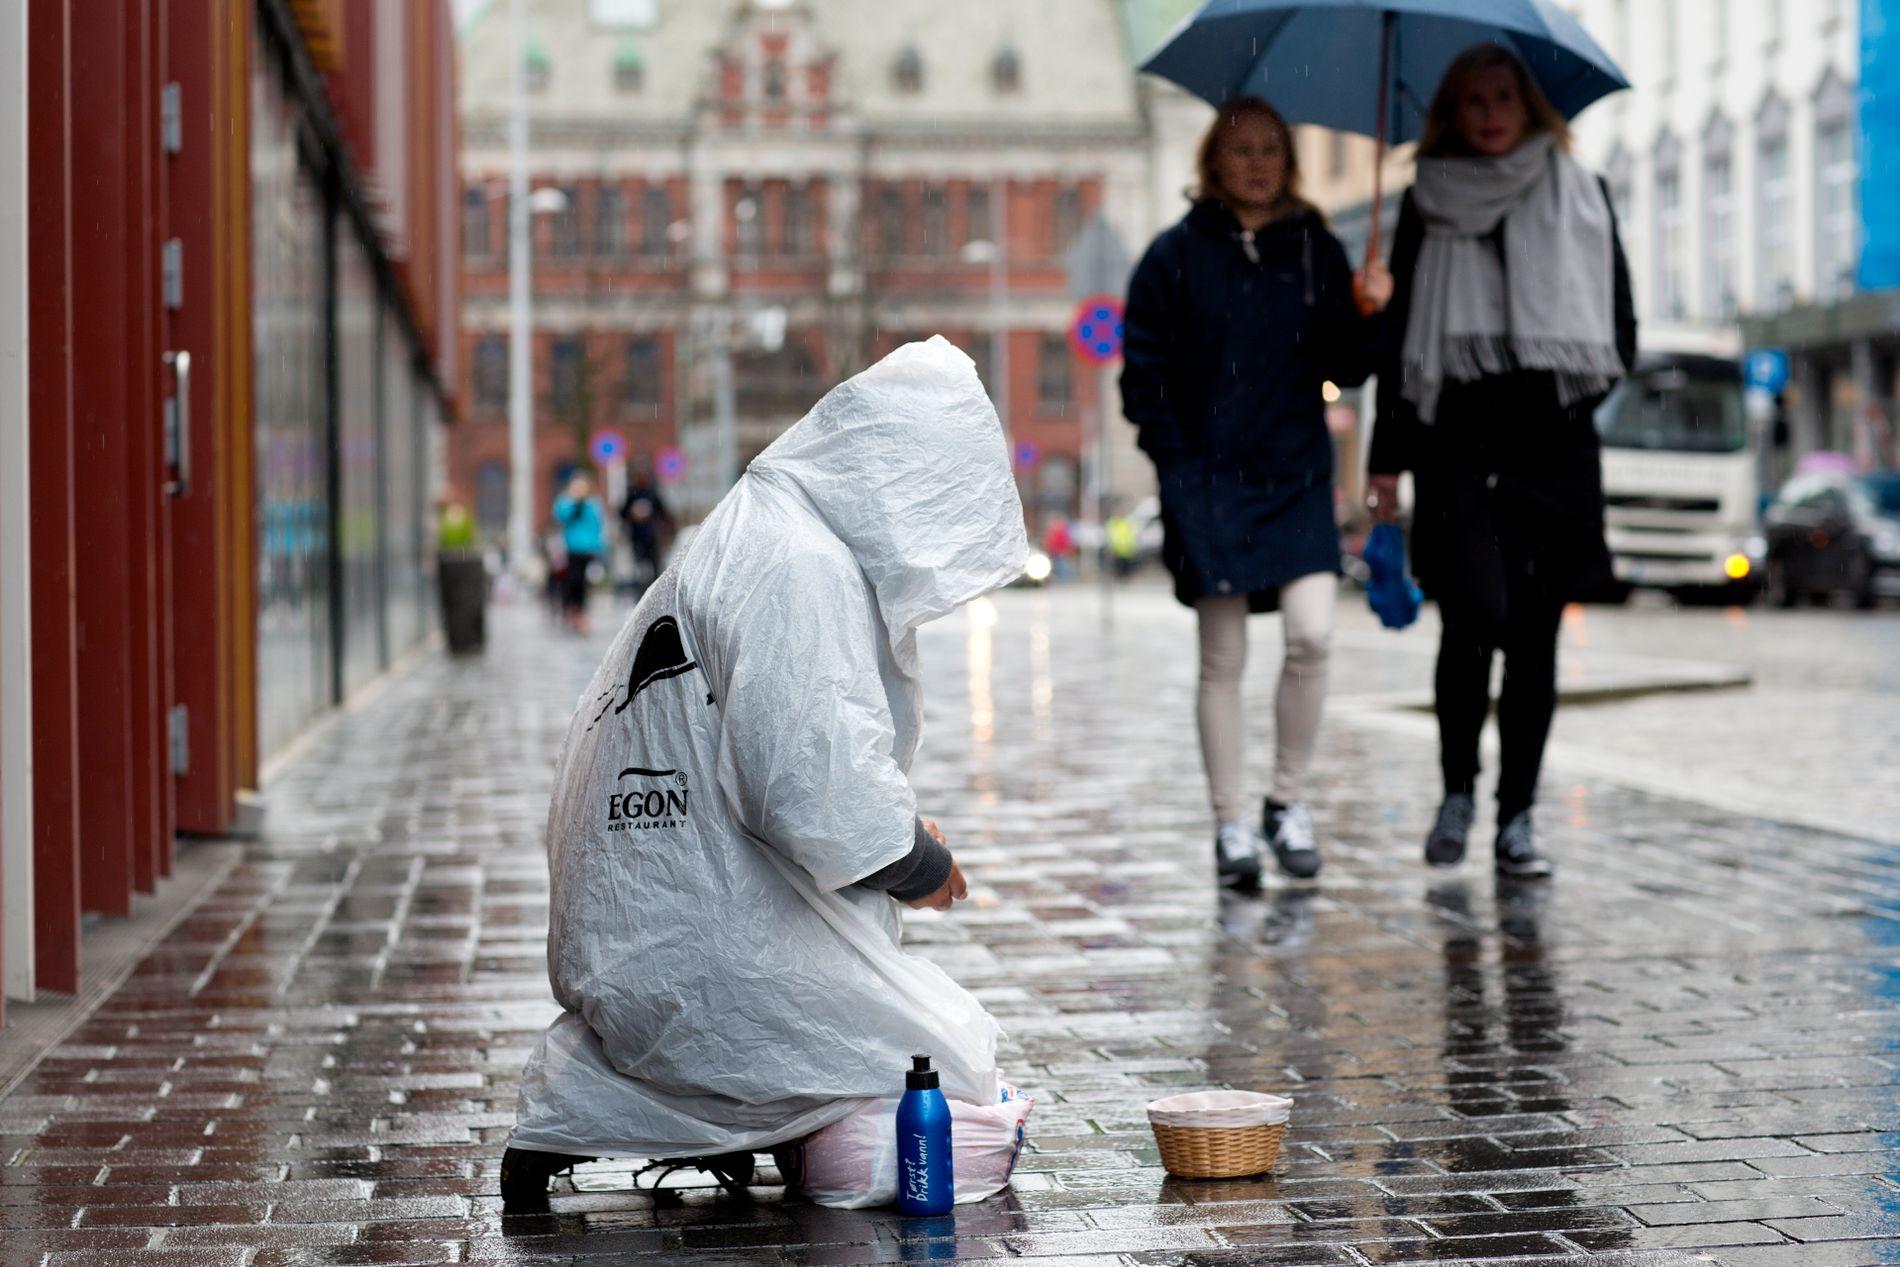 TIGGING: Bergen skal være en by der man behandler mennesker i nød med respekt, skriver innsenderen.